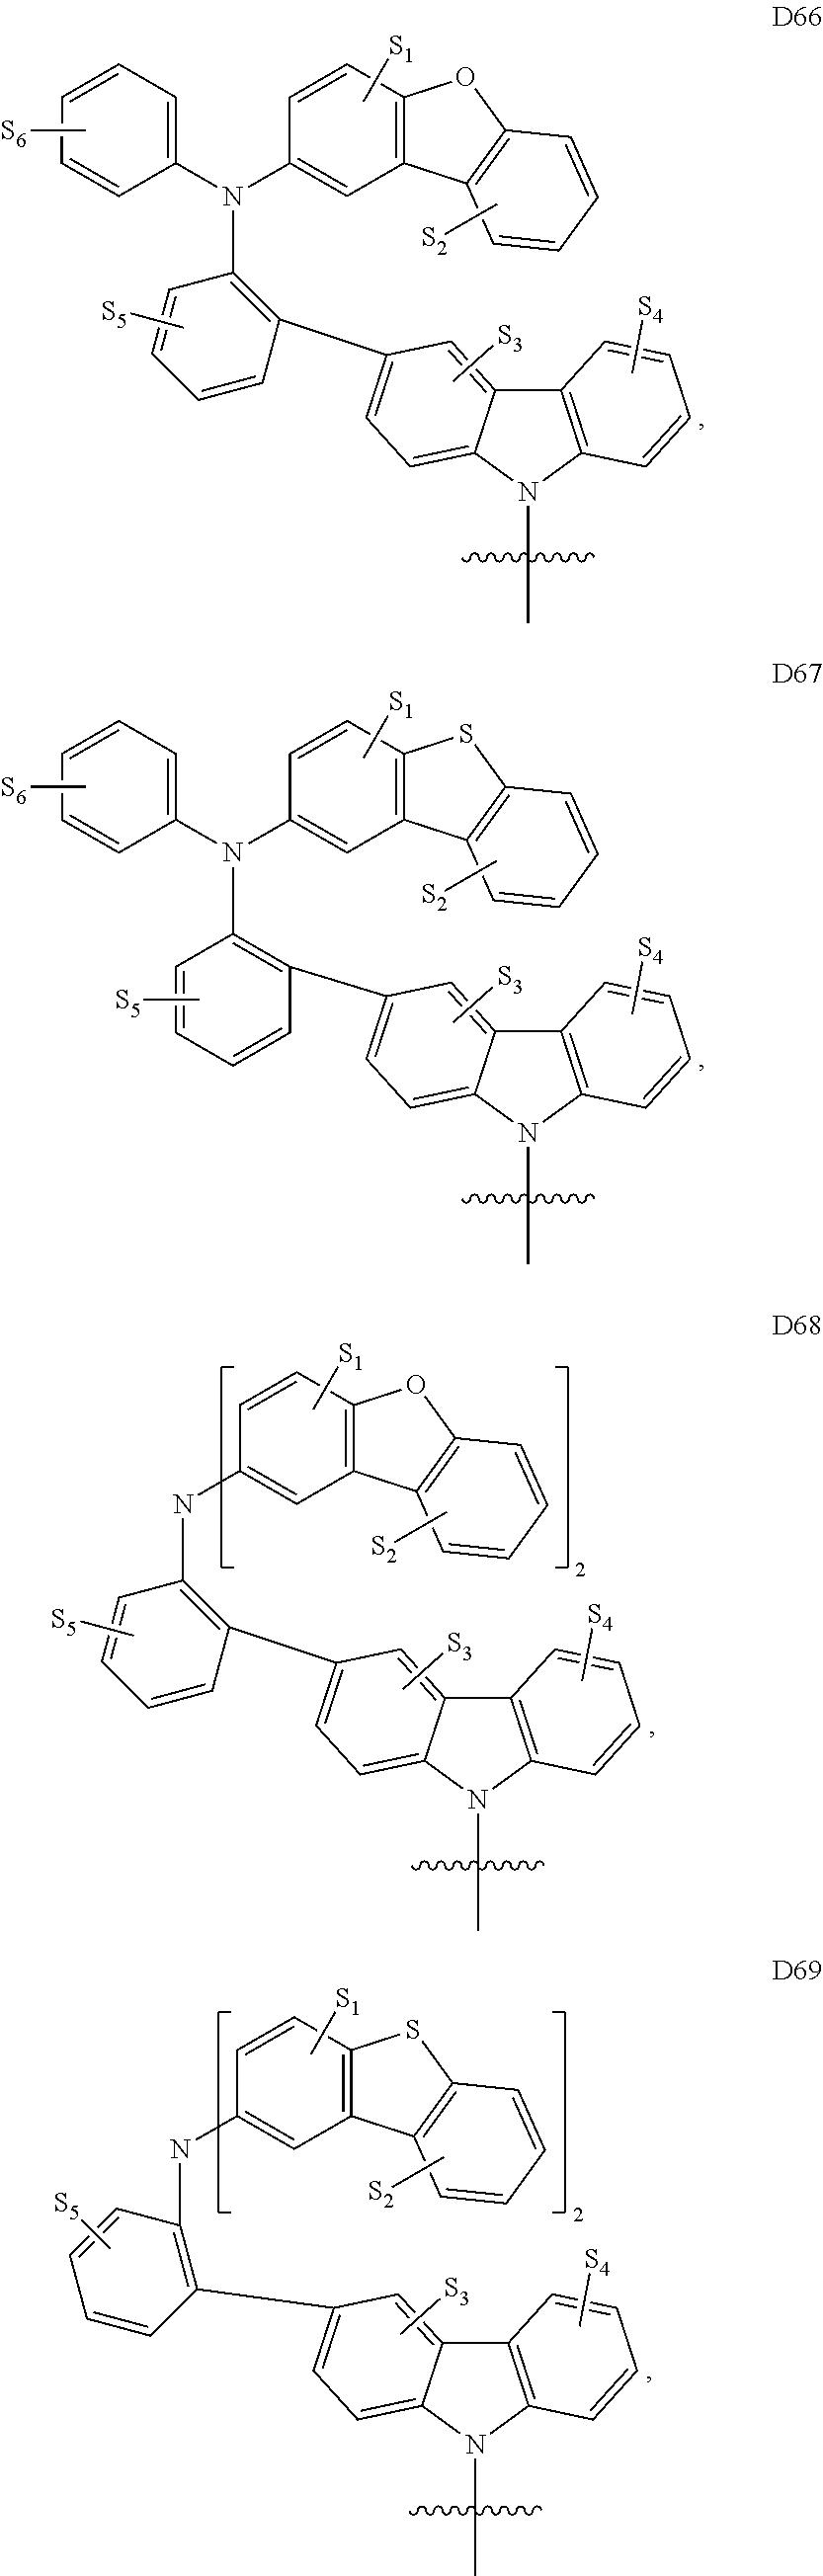 Figure US09537106-20170103-C00139